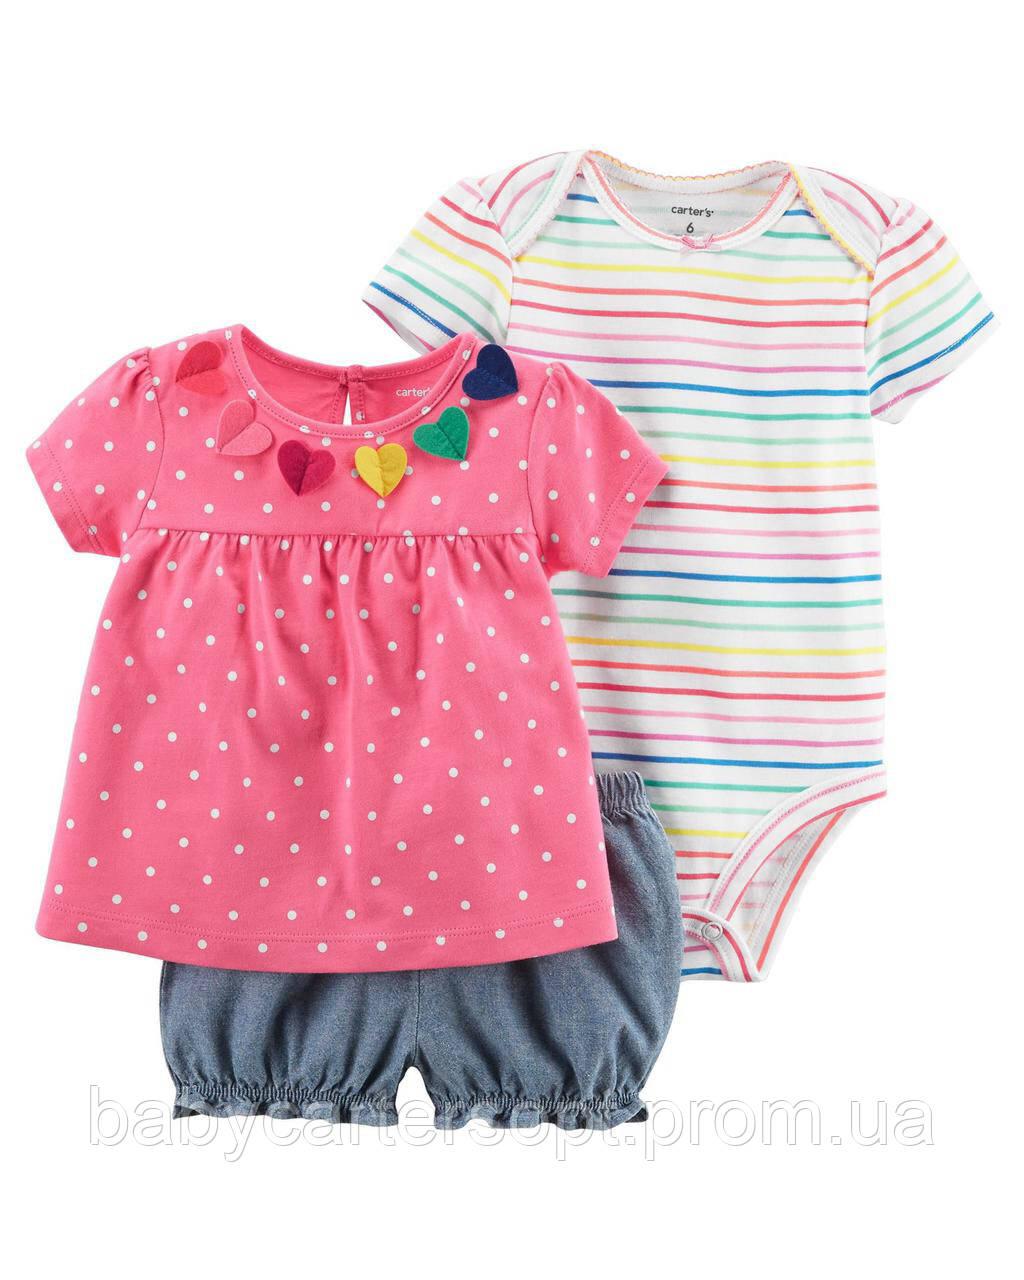 Детский летний костюм из трех вещей Carters для девочки - Оригинал Картерс  Carter s ОПТом в наличии 5a56a1b989e